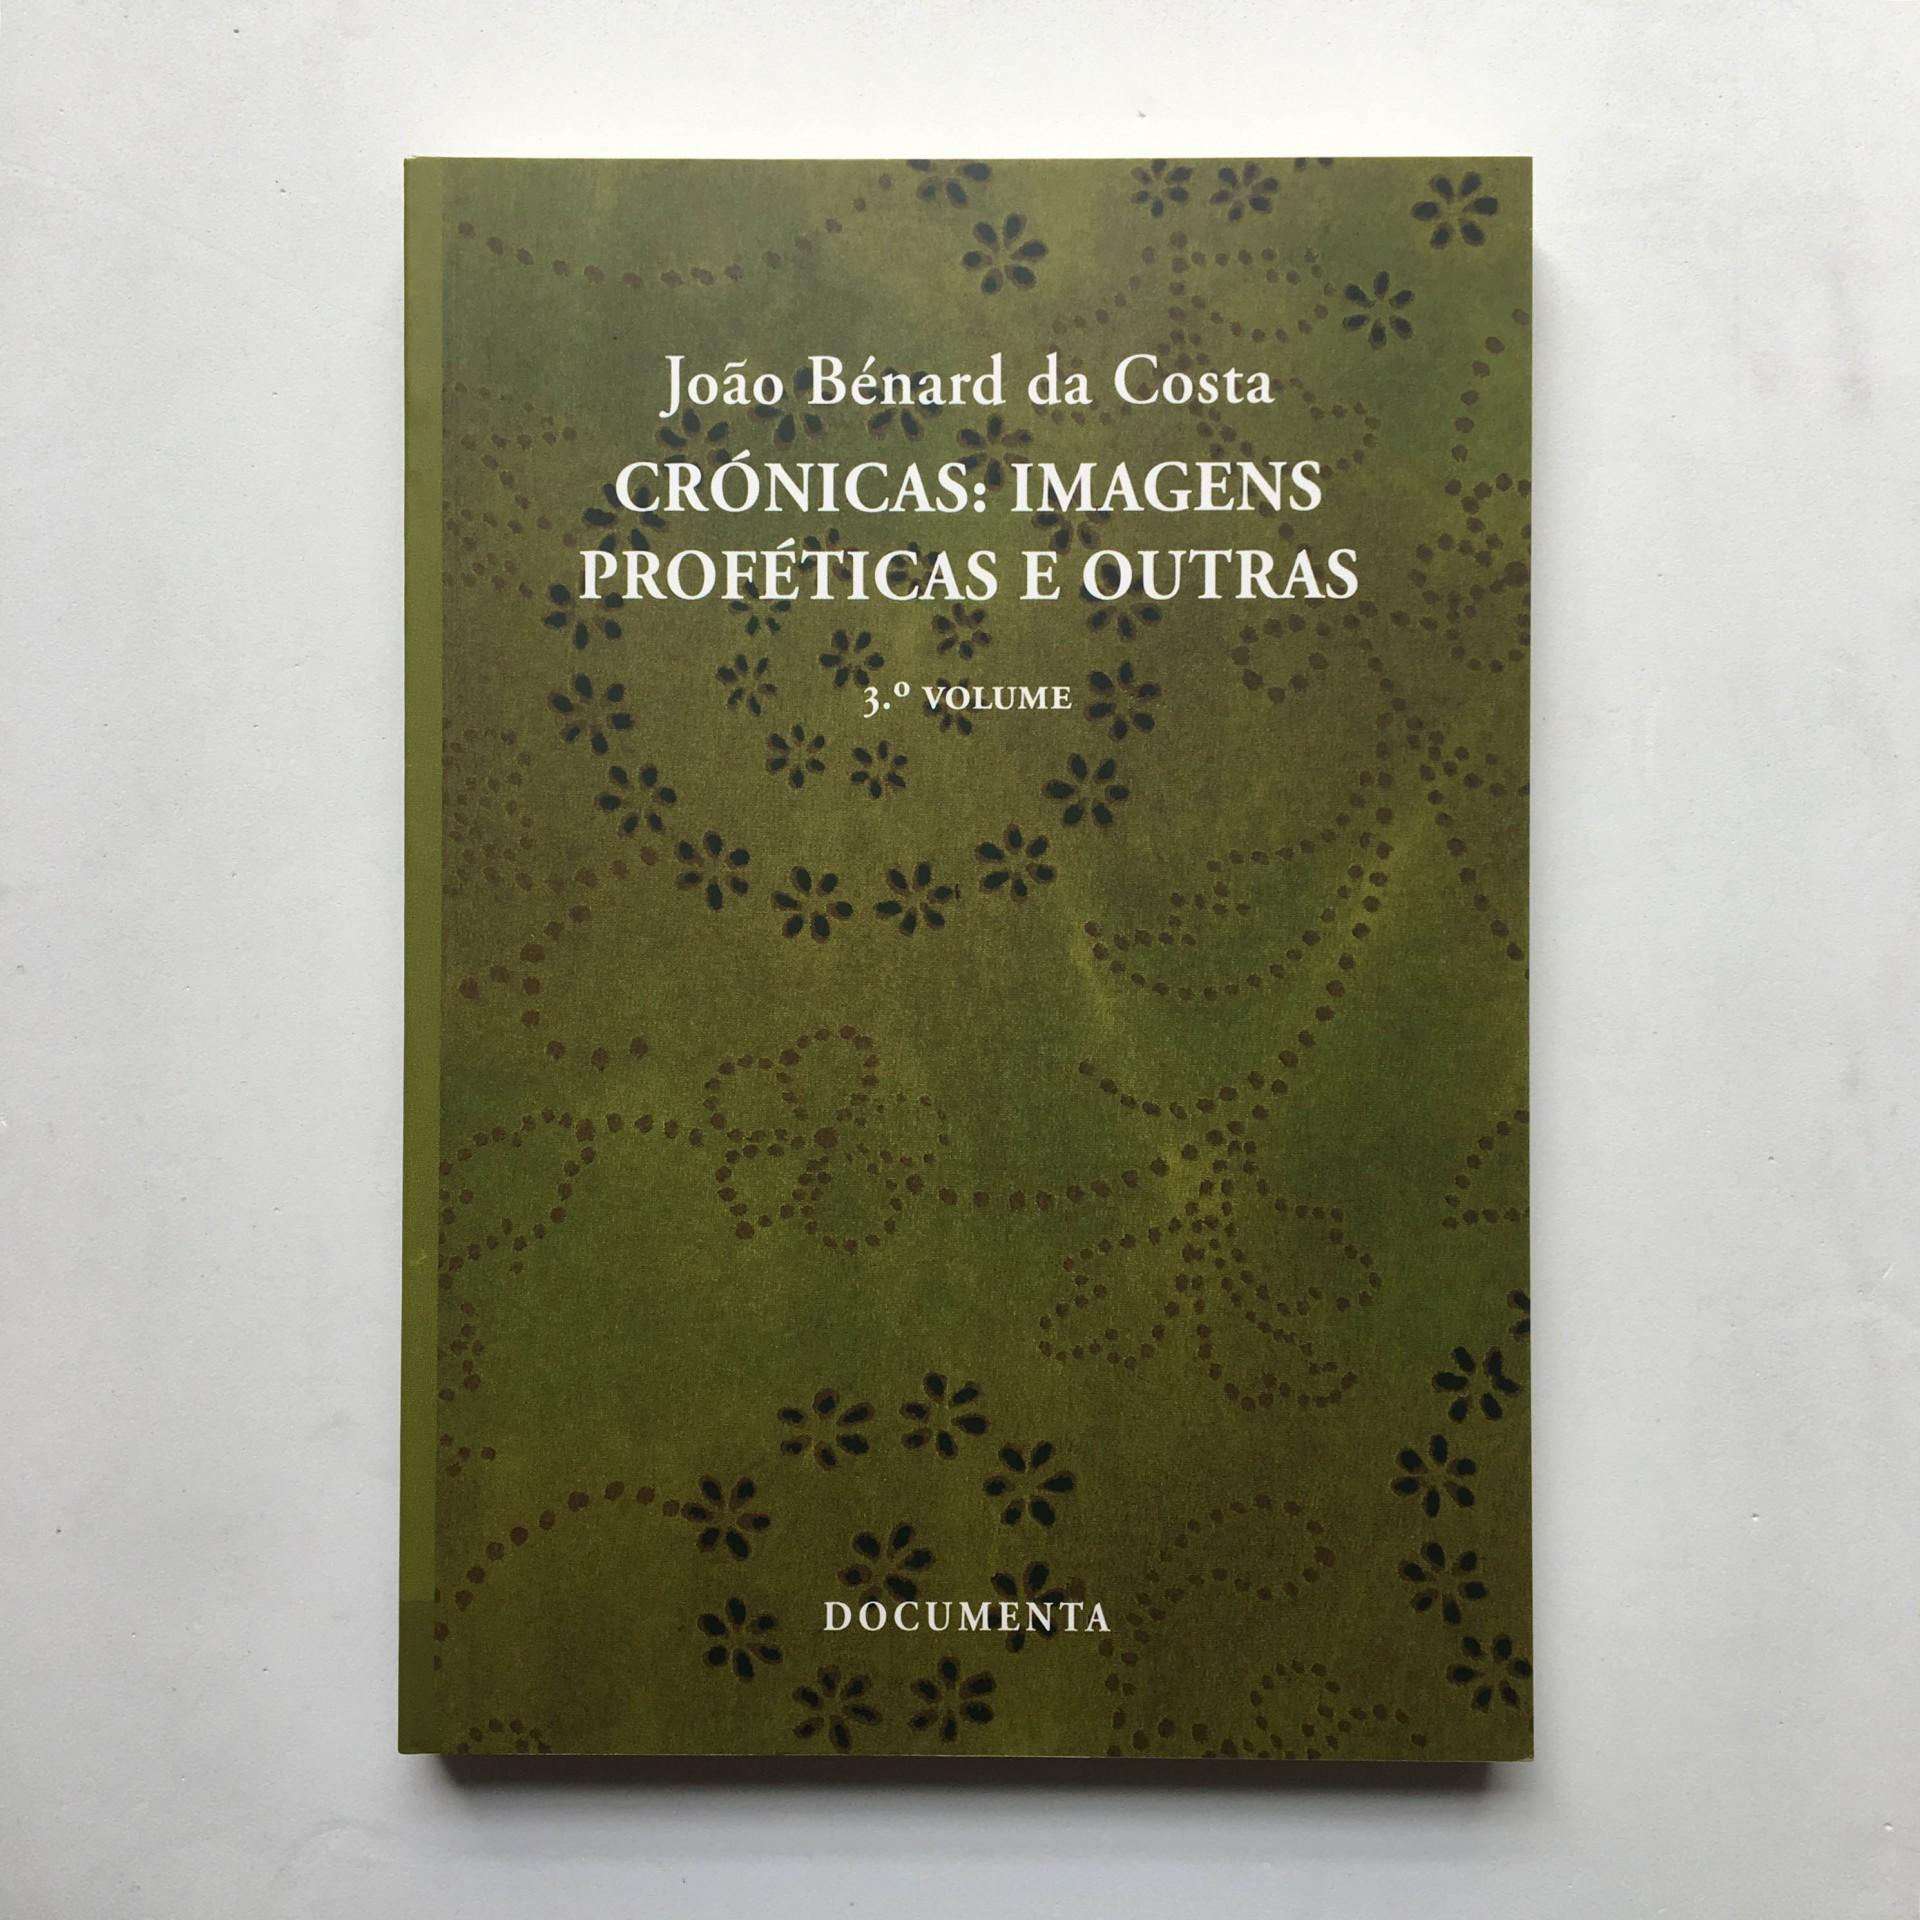 Crónicas: imagens proféticas e outras 3º volume